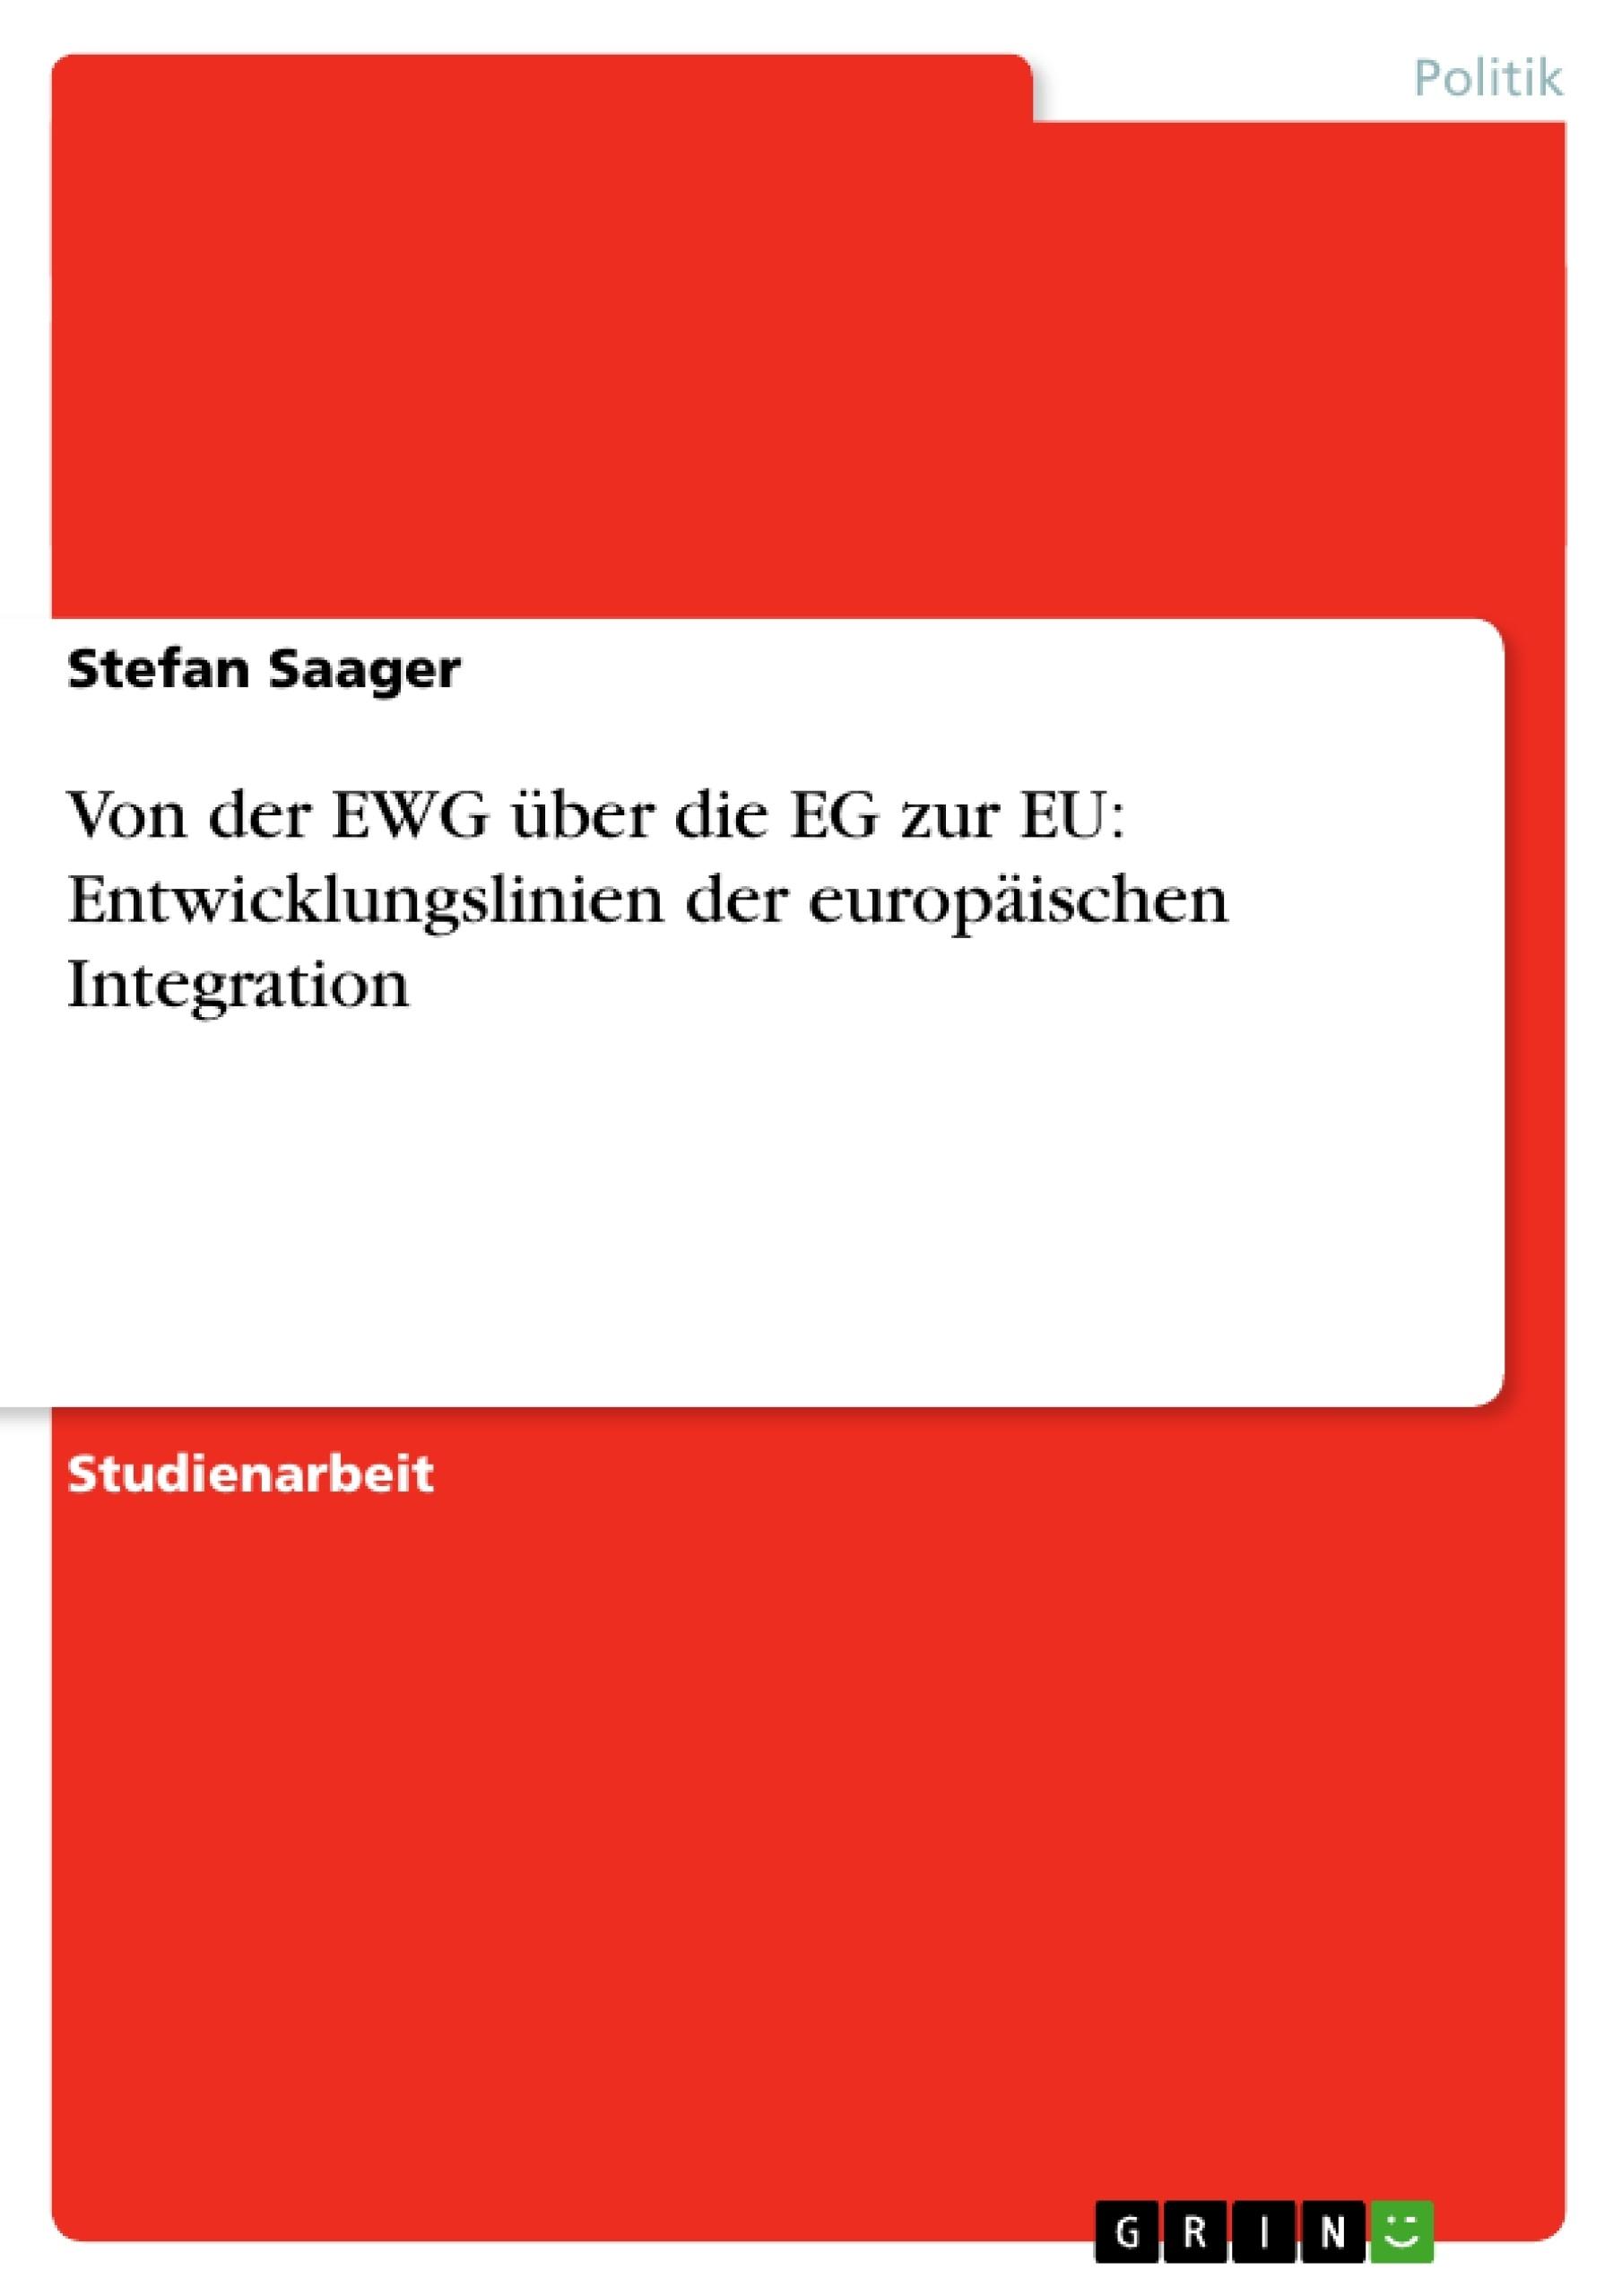 Titel: Von der EWG über die EG zur EU: Entwicklungslinien der europäischen Integration